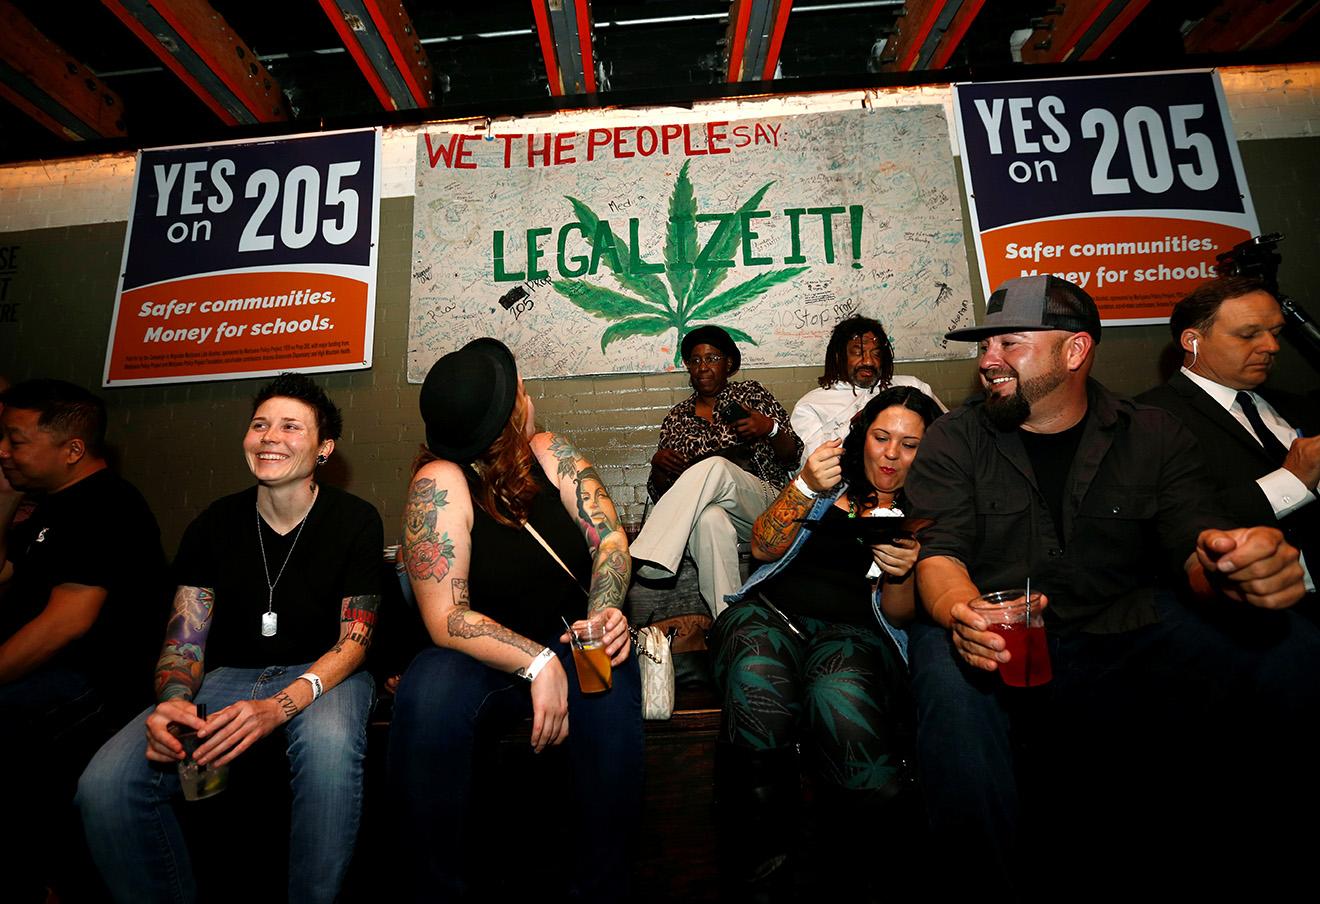 Сторонники легализации марихуаны в ожидании результатов референдума. Фото: Nancy Wiechec / Reuters